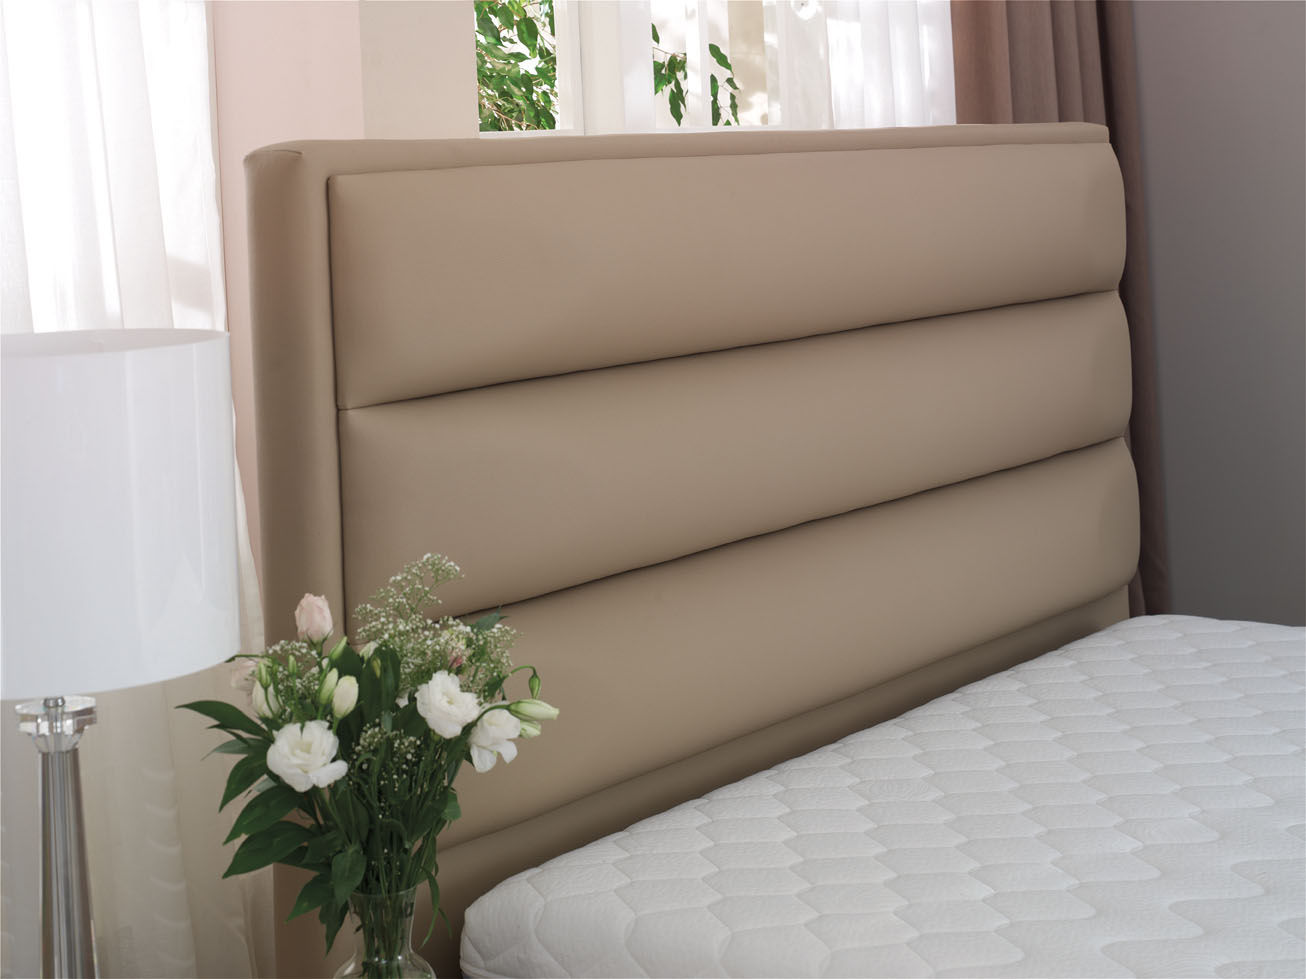 Cabecero para cama doble moderno de tejido de cuero ZEUS ISBIR